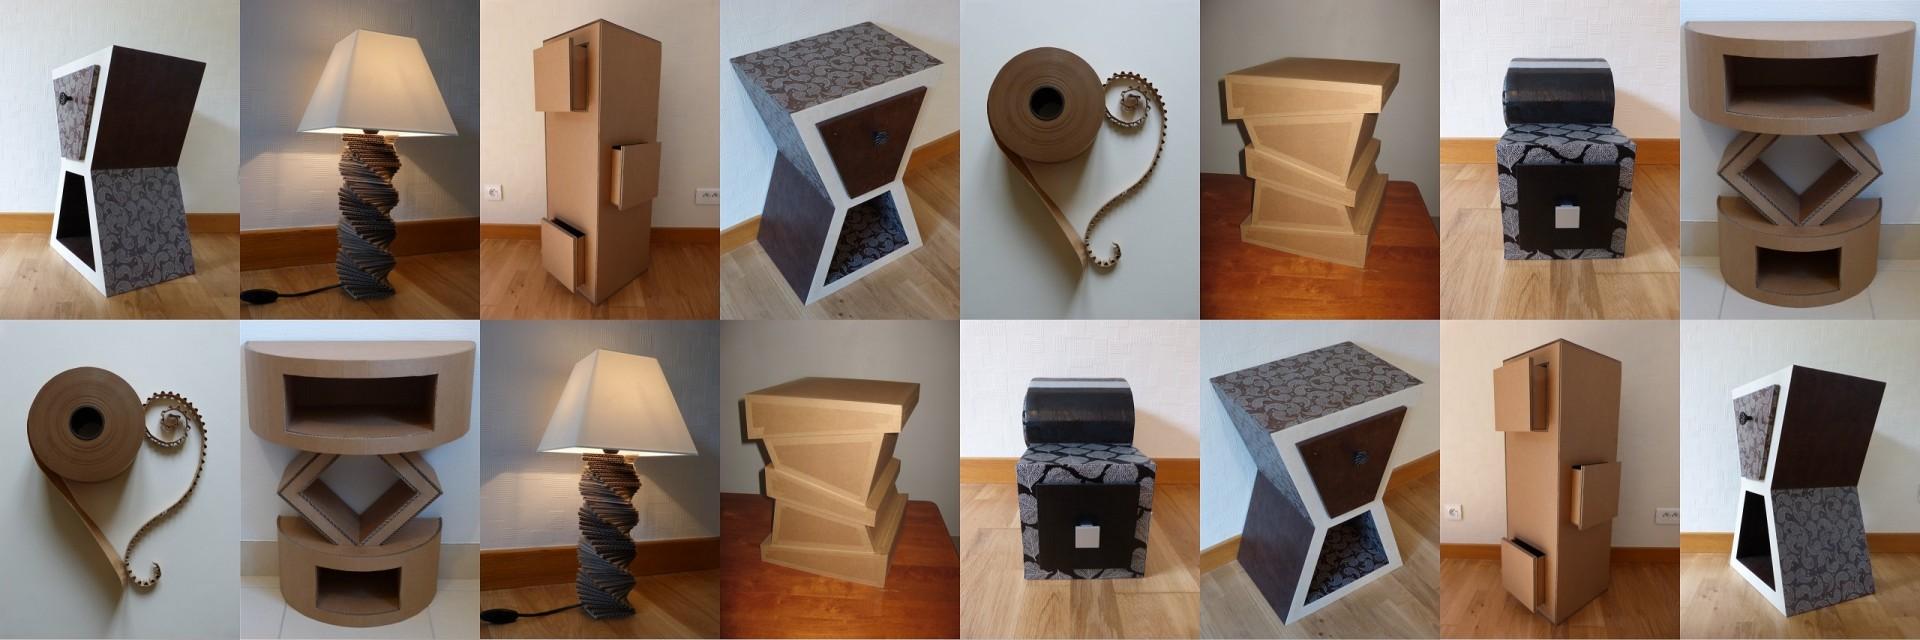 Souvent Ame de carton - Création / réalisation de meubles et objets de  PZ06